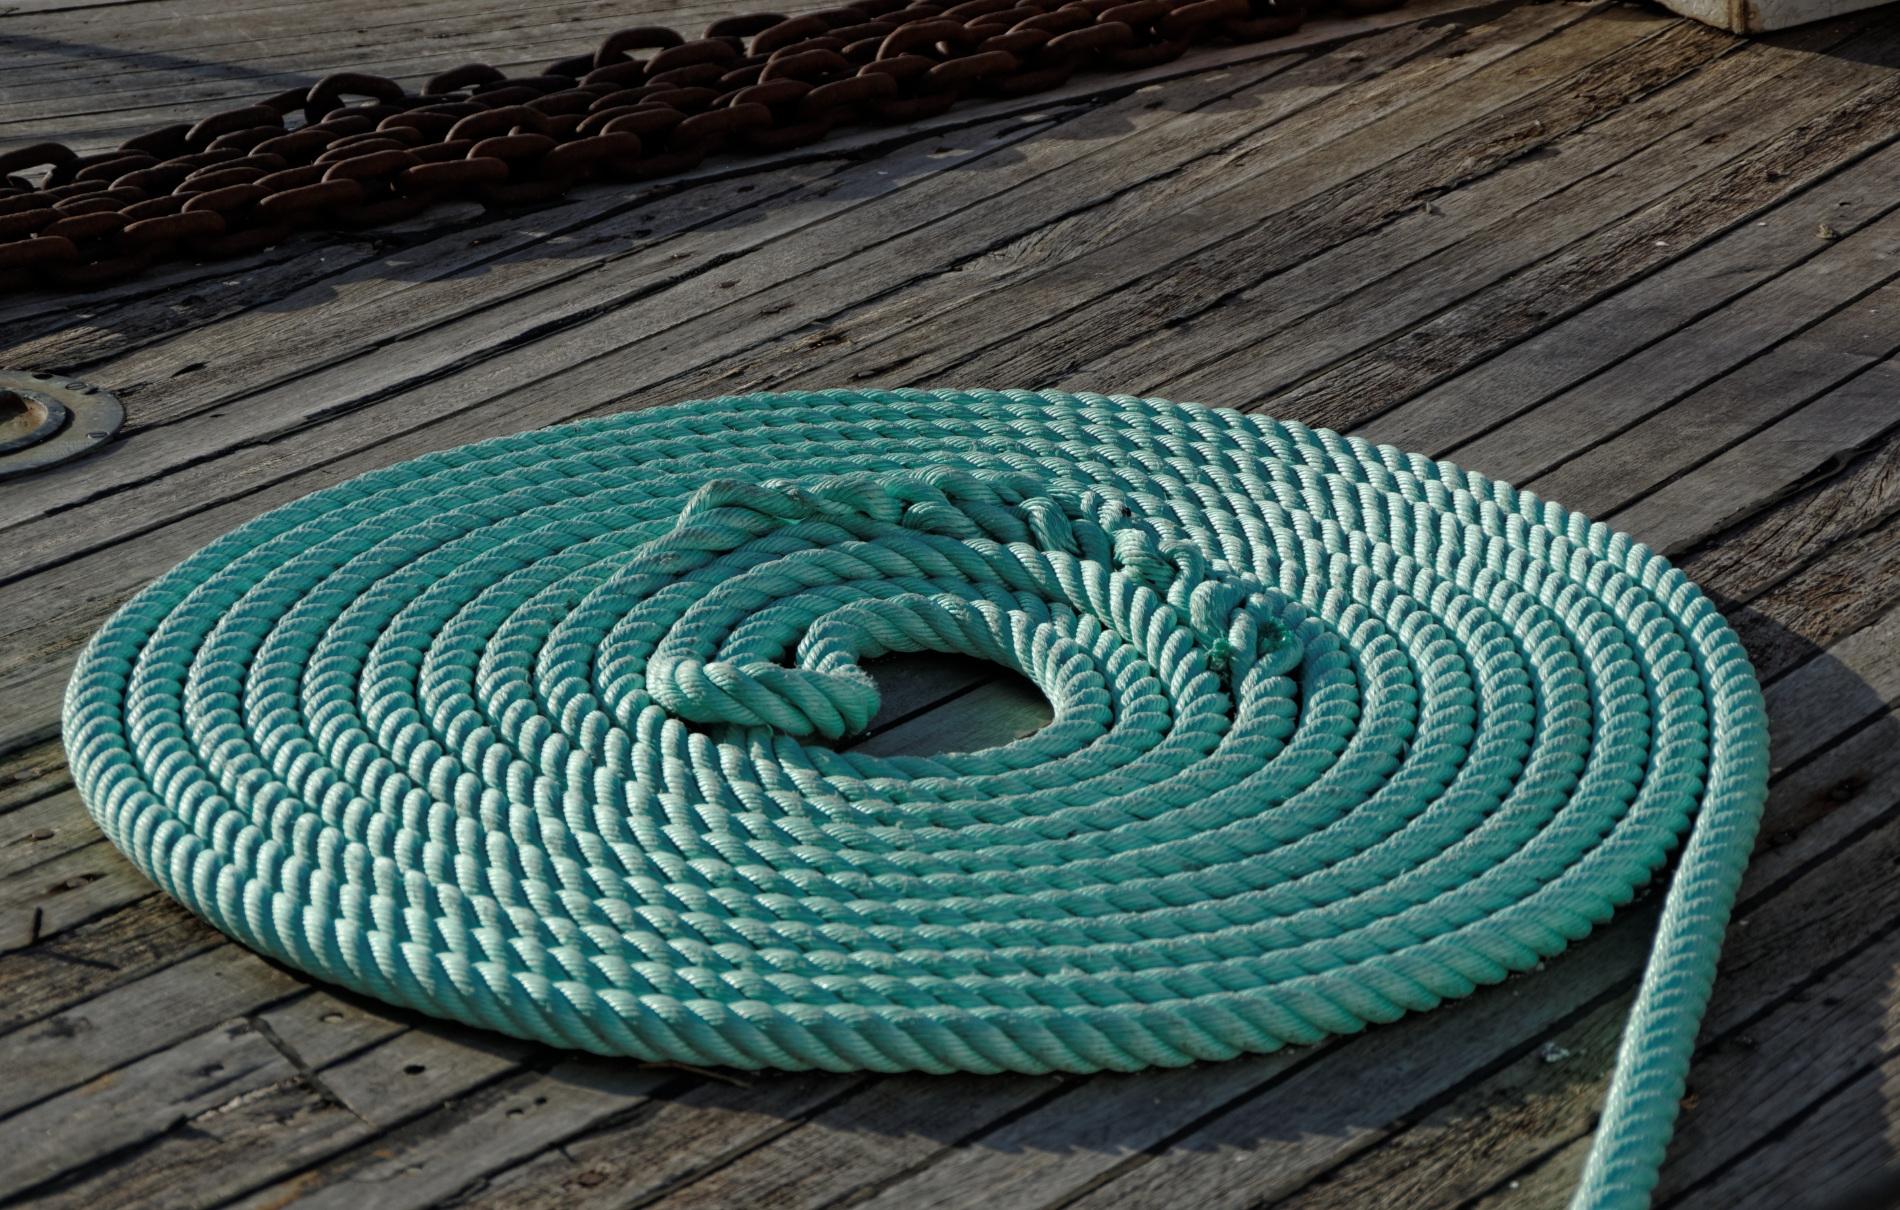 sprirale d un cordage marin la tribu d 39 anaximandre des photos au fil des jours. Black Bedroom Furniture Sets. Home Design Ideas